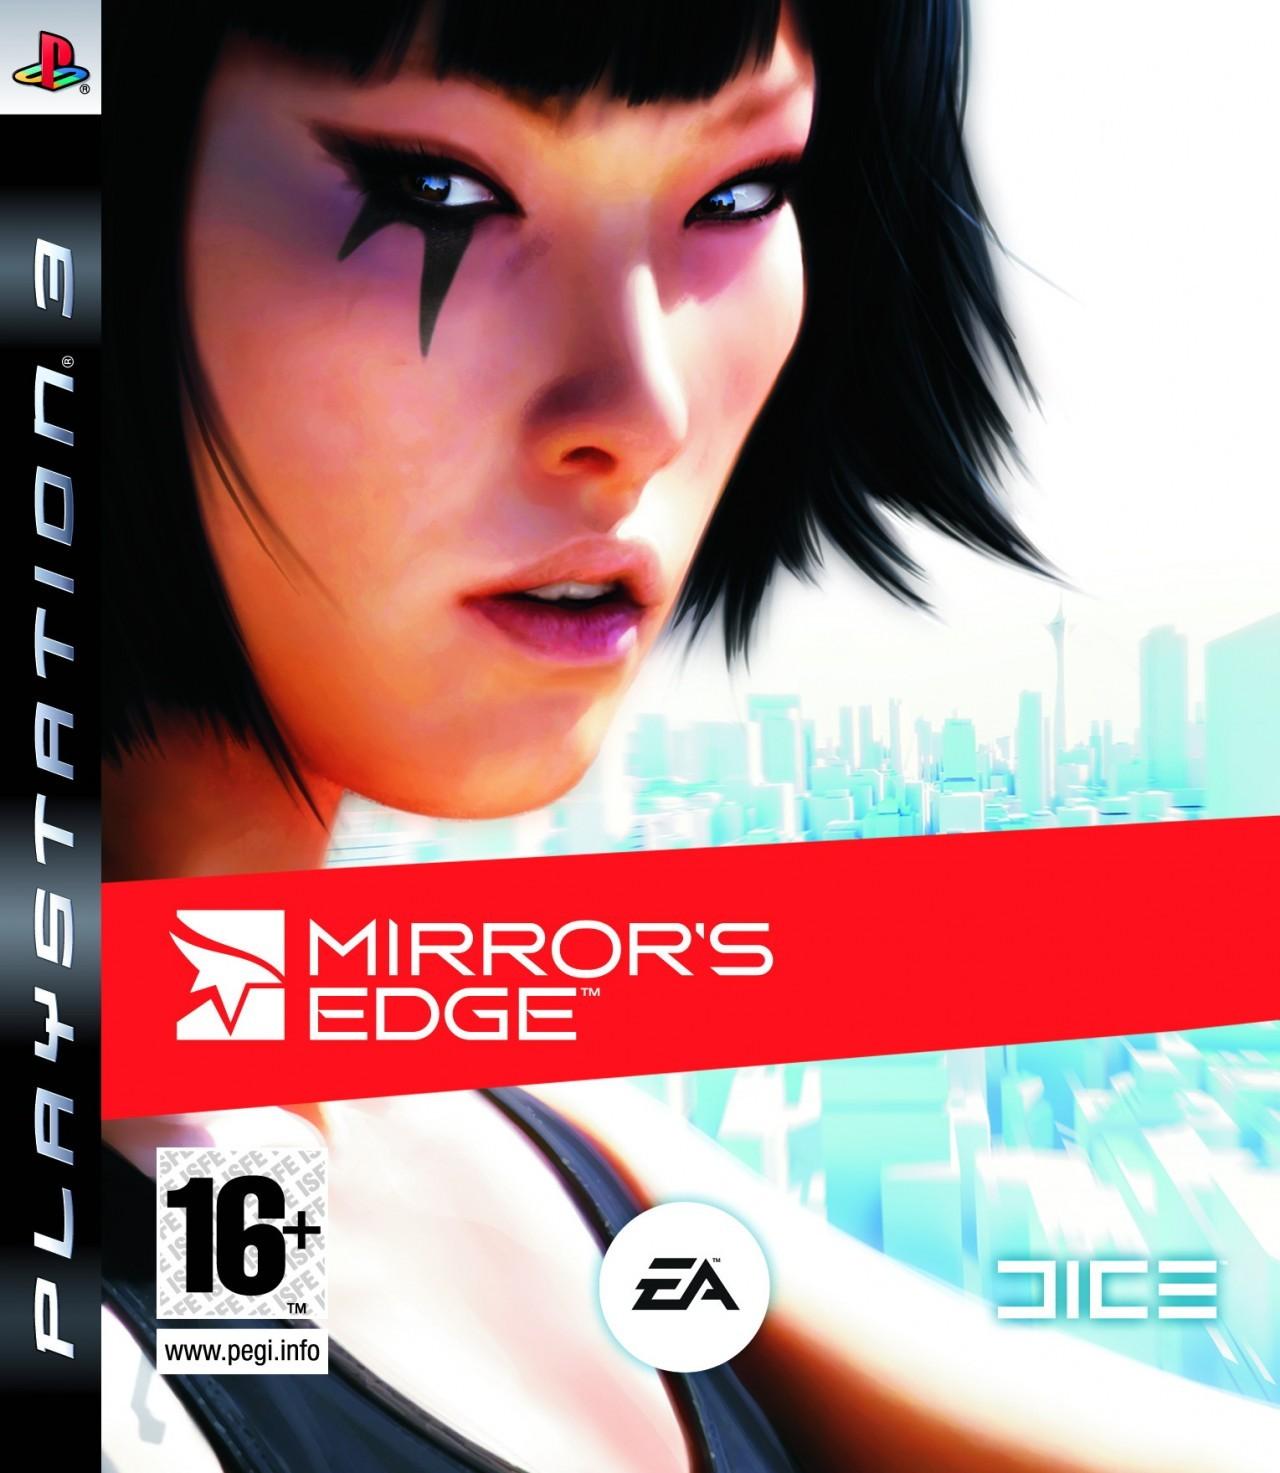 Mirror's Edge - Reflected Edition Mirror-s-edge-4e265c49897b7